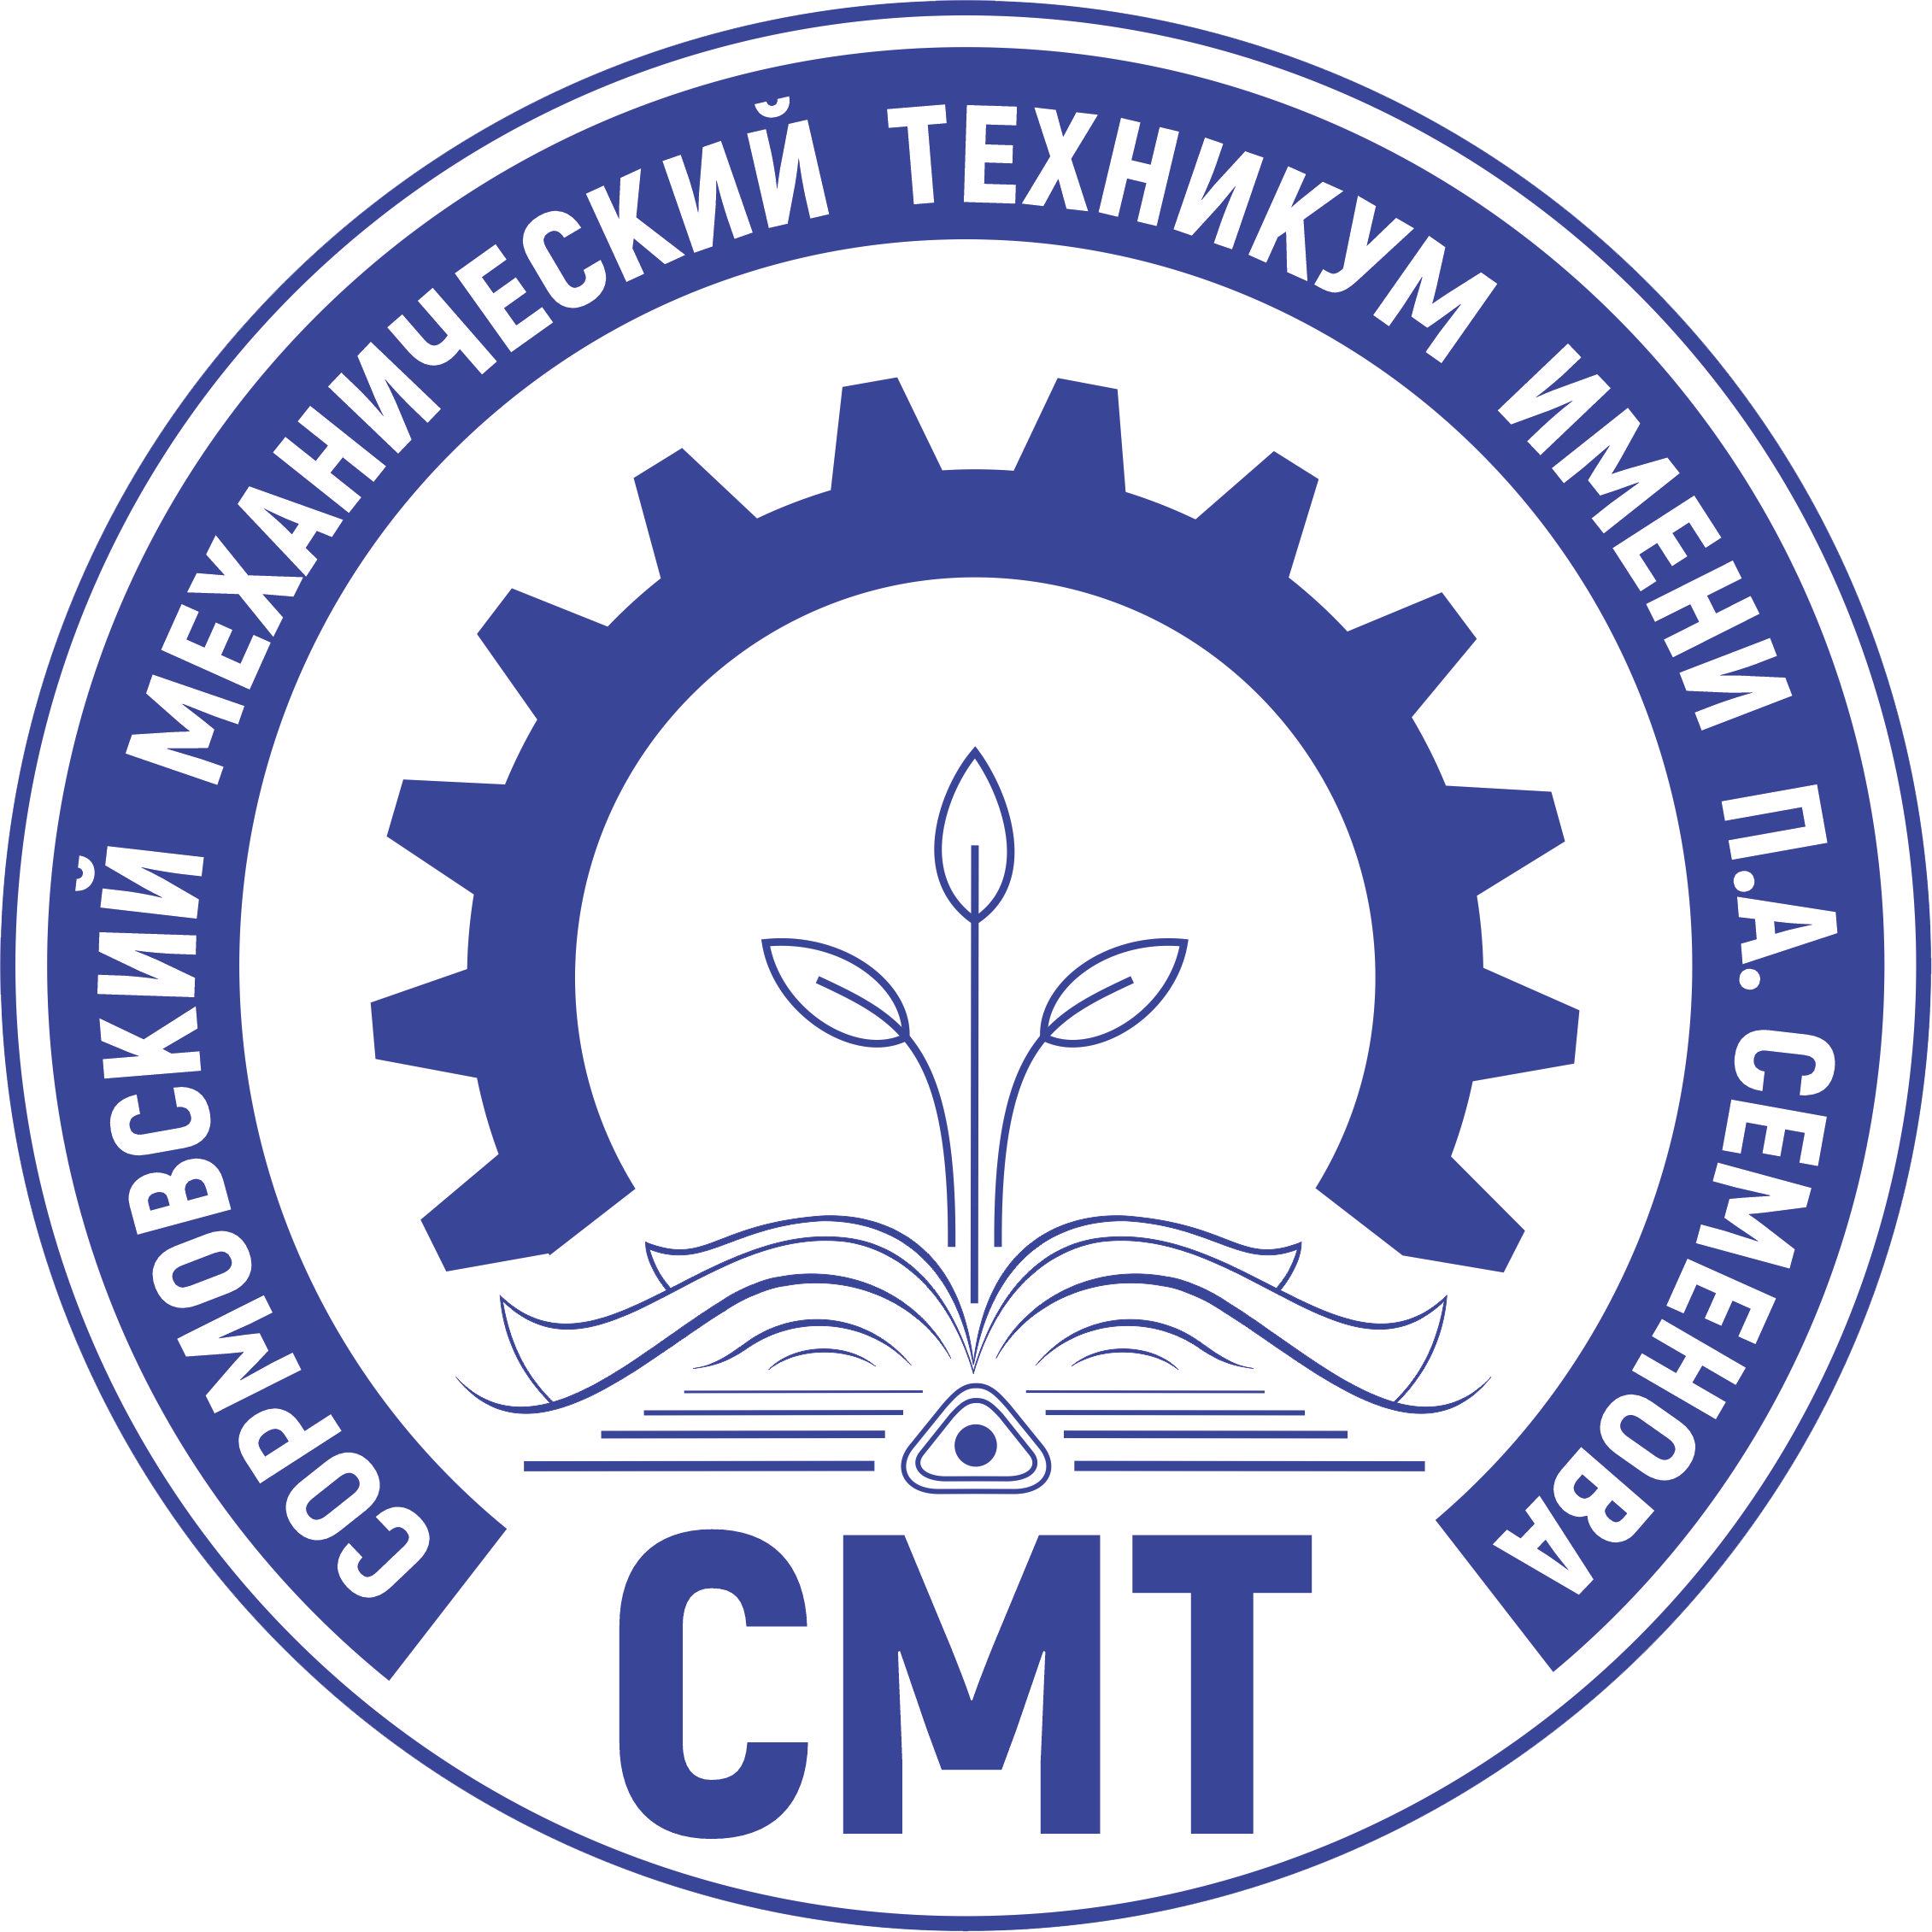 https://smtnn.ru